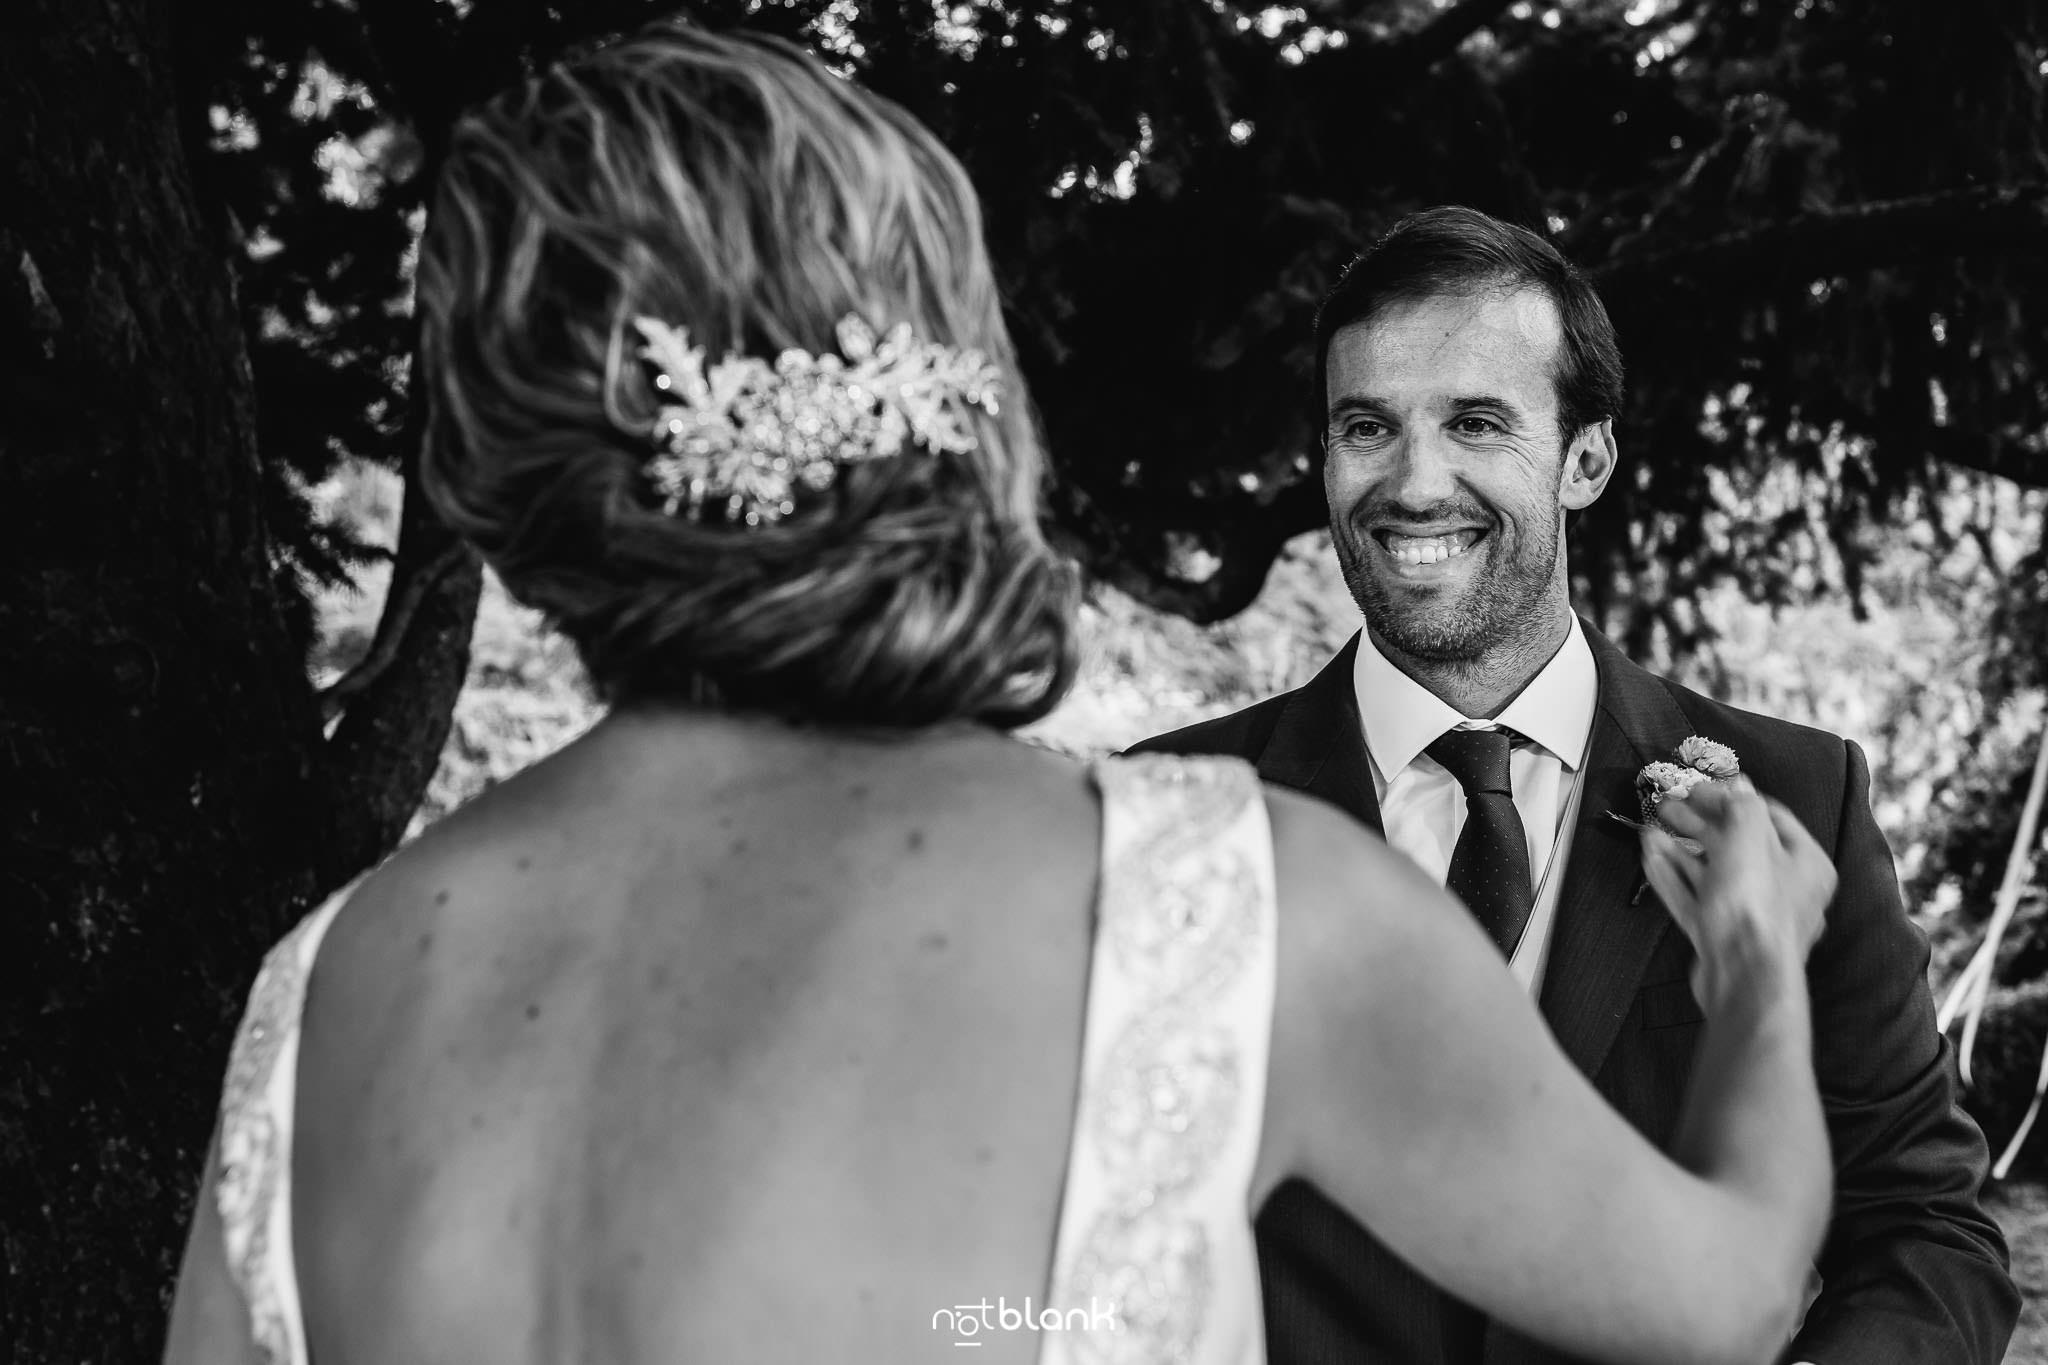 Boda En El Jardin De Casa Jana y Fran - El novio sonrie mientras la novia esta a punto de abrazarlo durante la ceremonia civil - Notblank Fotografos de boda